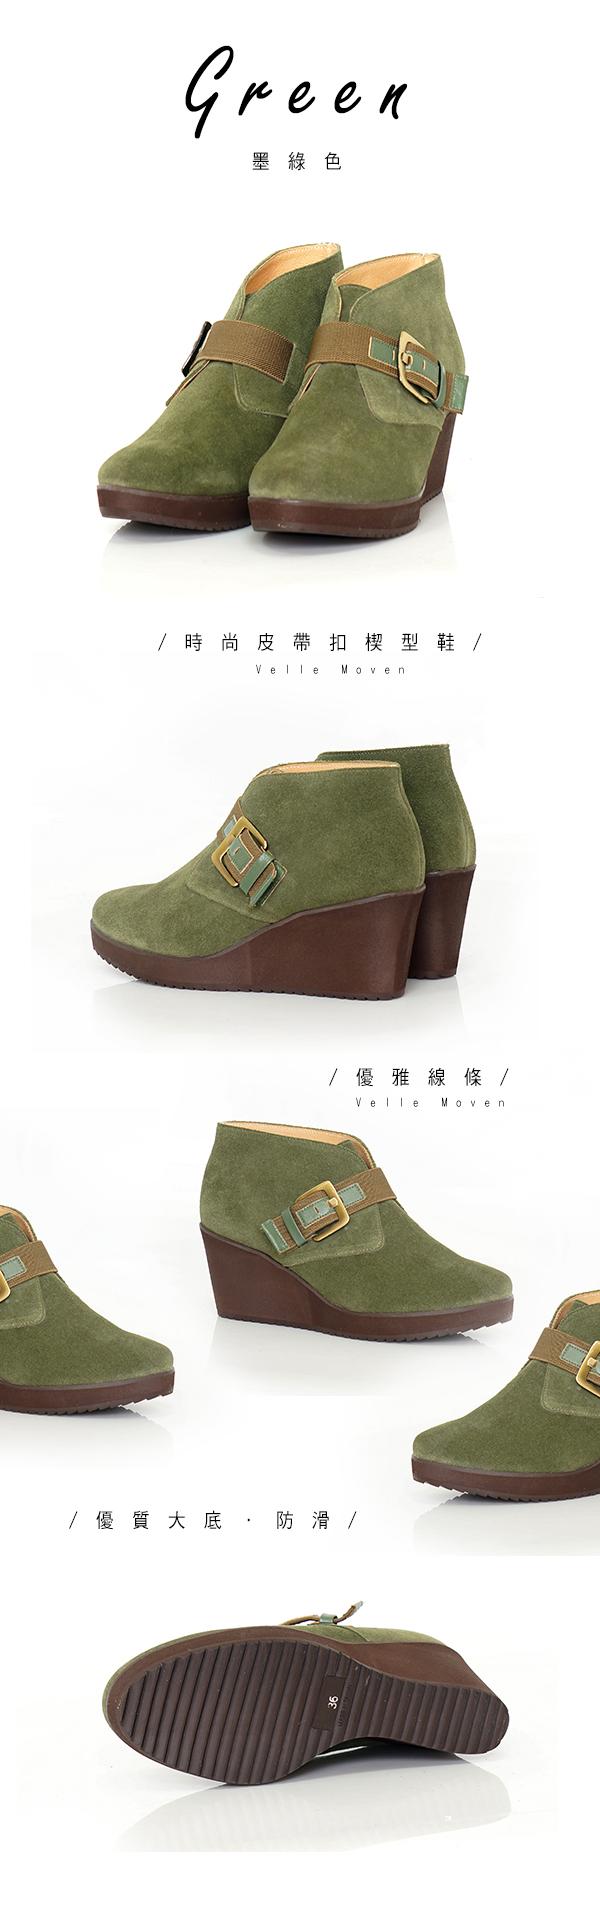 楔型鞋,好走,穩,可  拉長腿部線條,高雅時尚,皮帶扣楔型鞋,全真皮,MIT,O'vimi,優雅駝/墨綠色,專櫃品牌鞋,百貨專櫃鞋,台灣製造  。